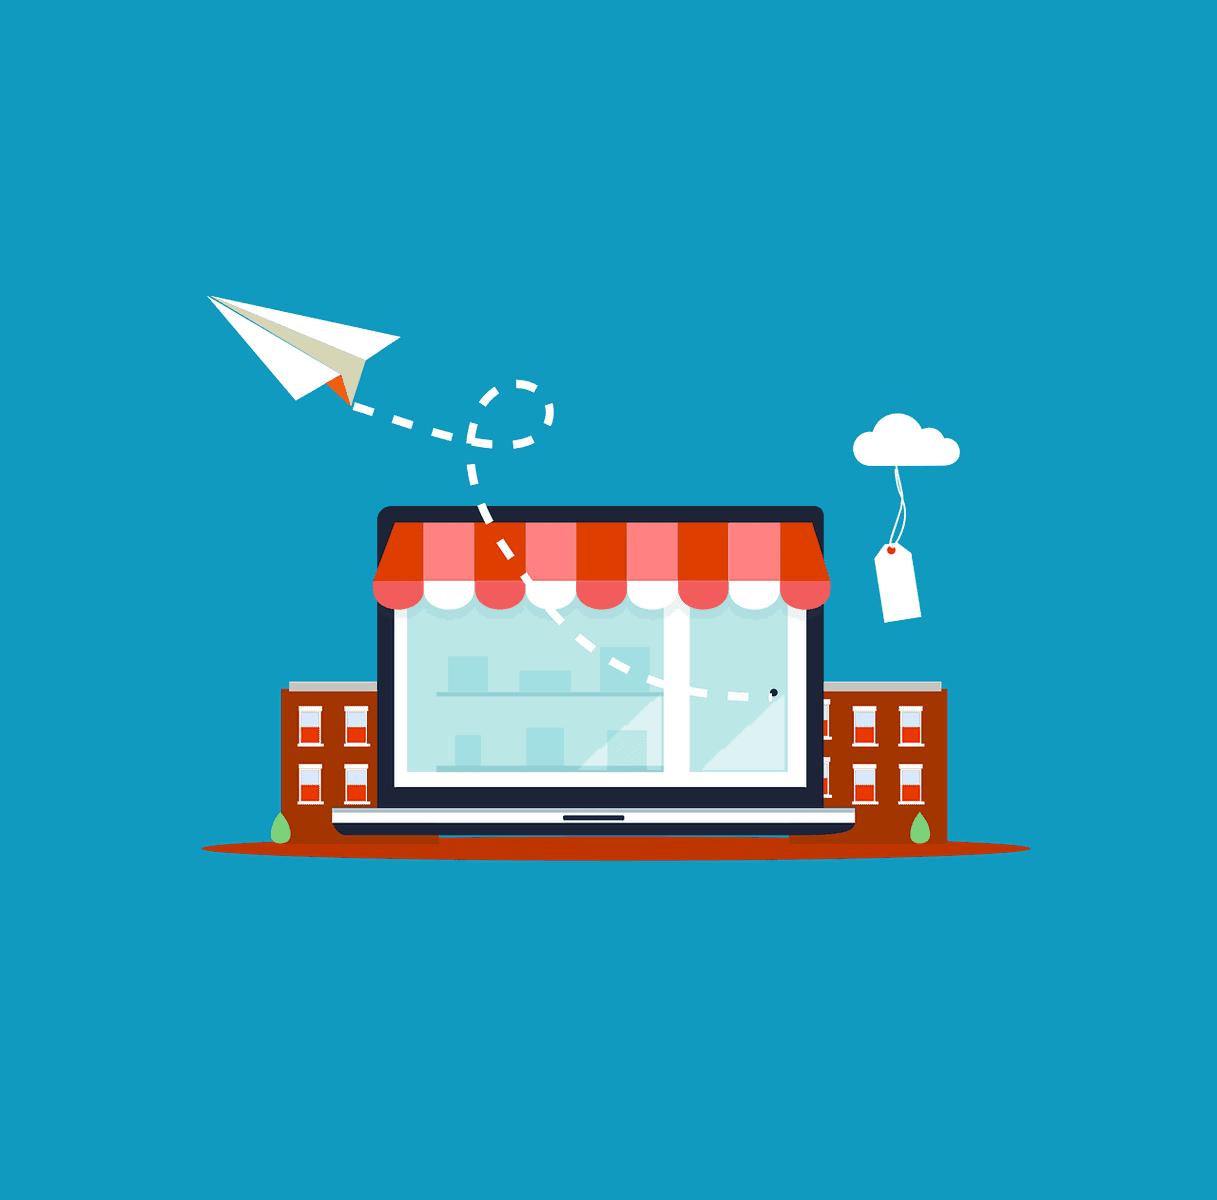 חנות דיגיטלית בעשייה